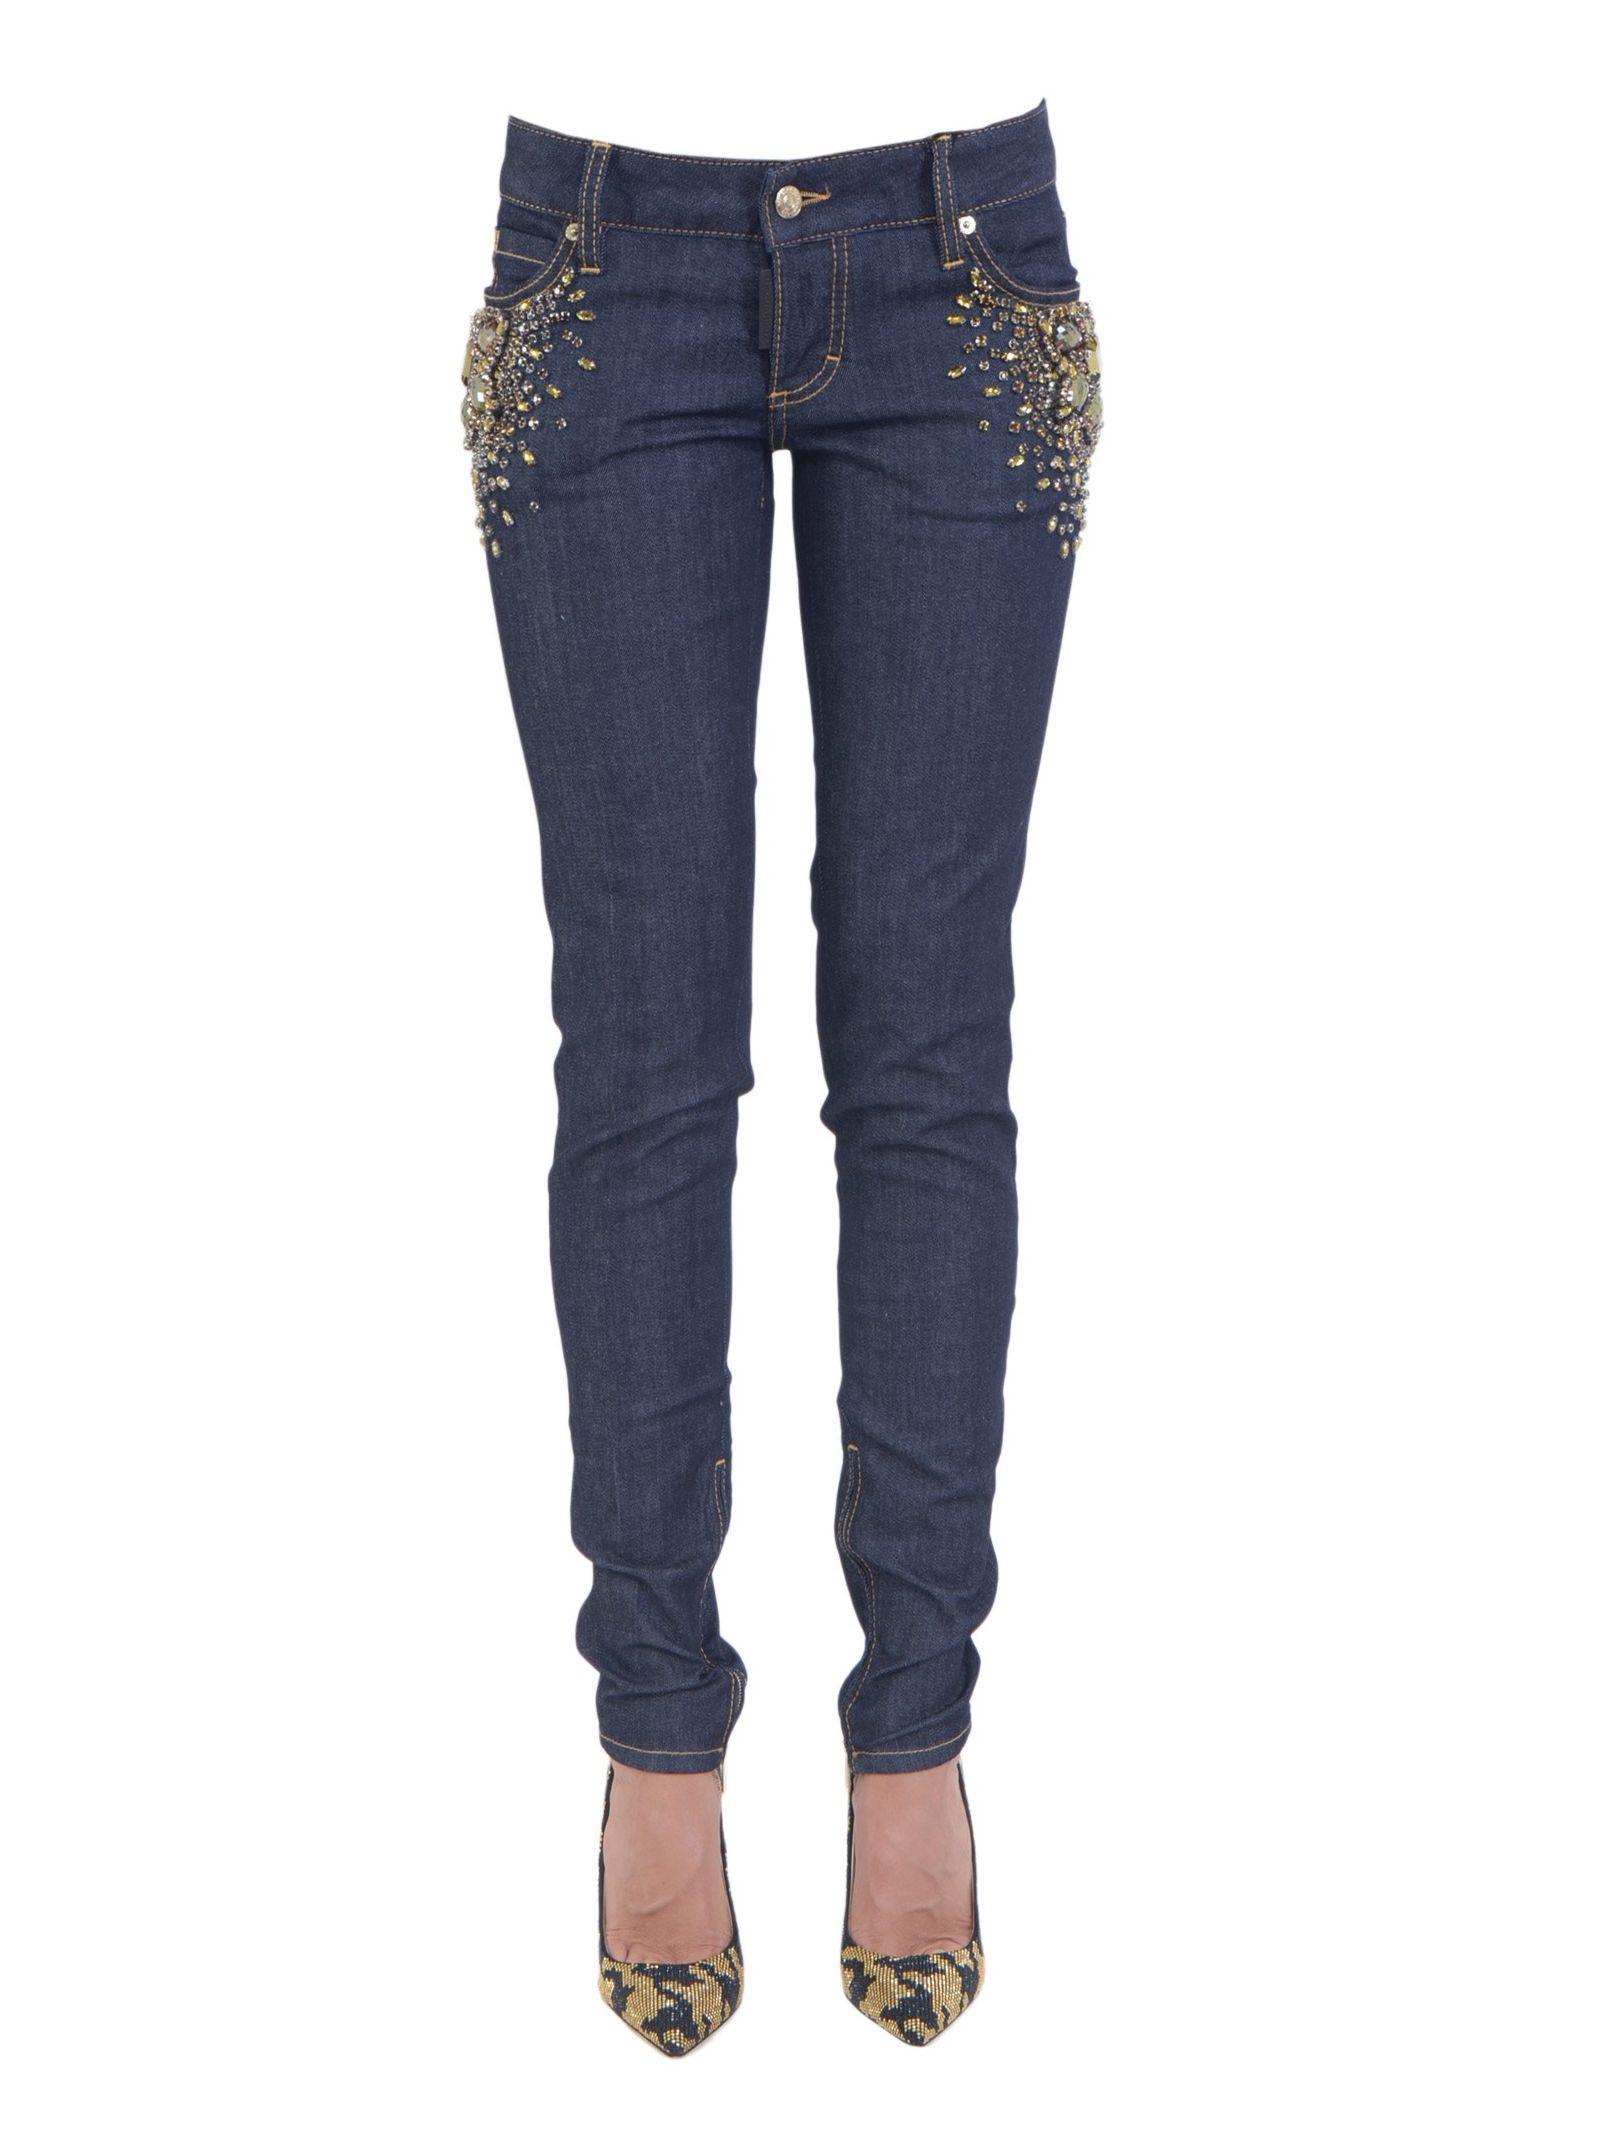 Jeanși de damă DSQUARED2, fashion, cu elemente Swarovski